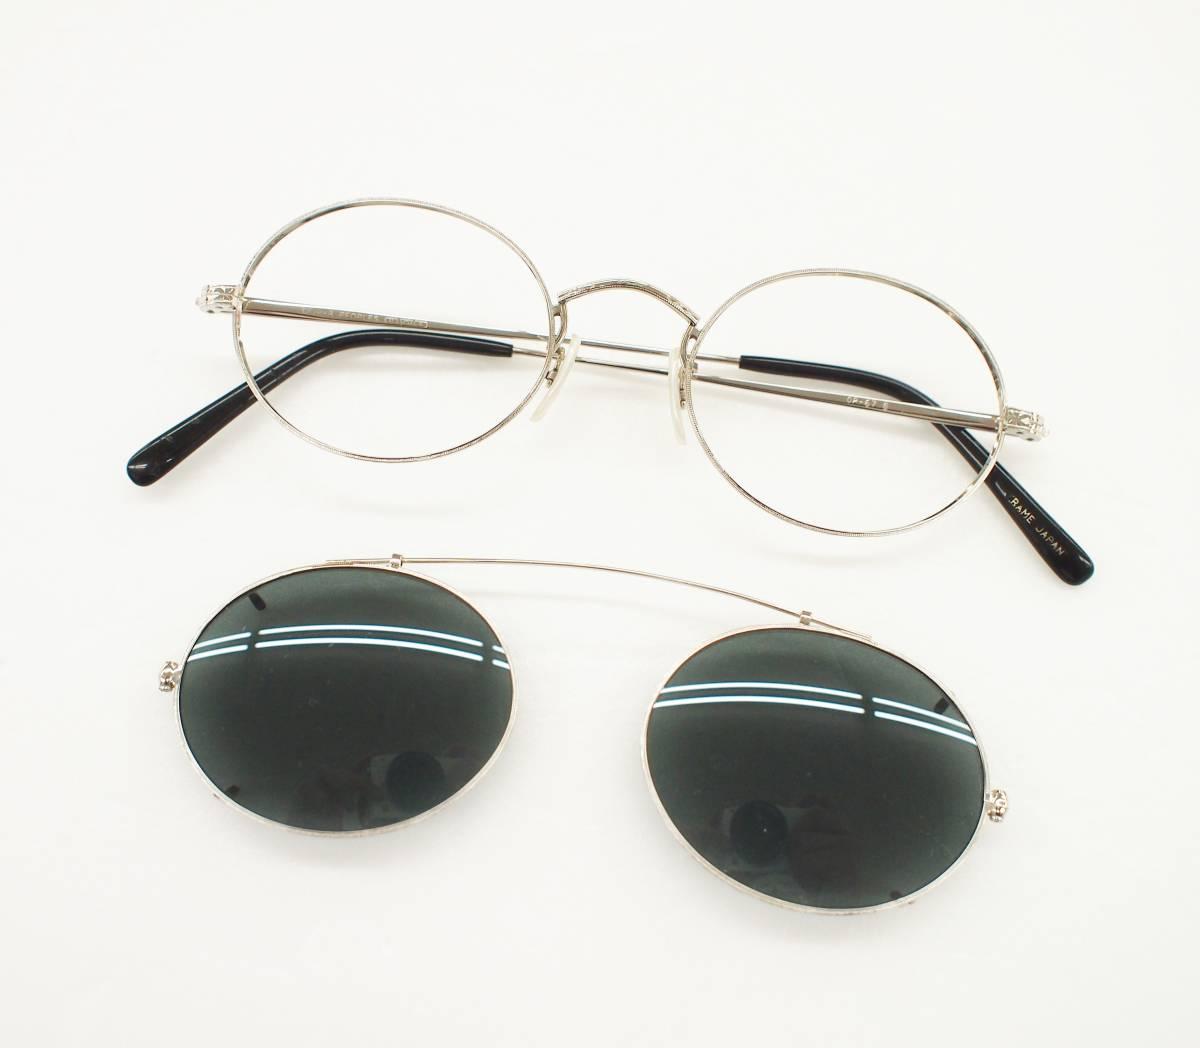 クリップオン付き OLIVER PEOPLES オリバーピープルズ OP-67 S 眼鏡 サングラス_画像2